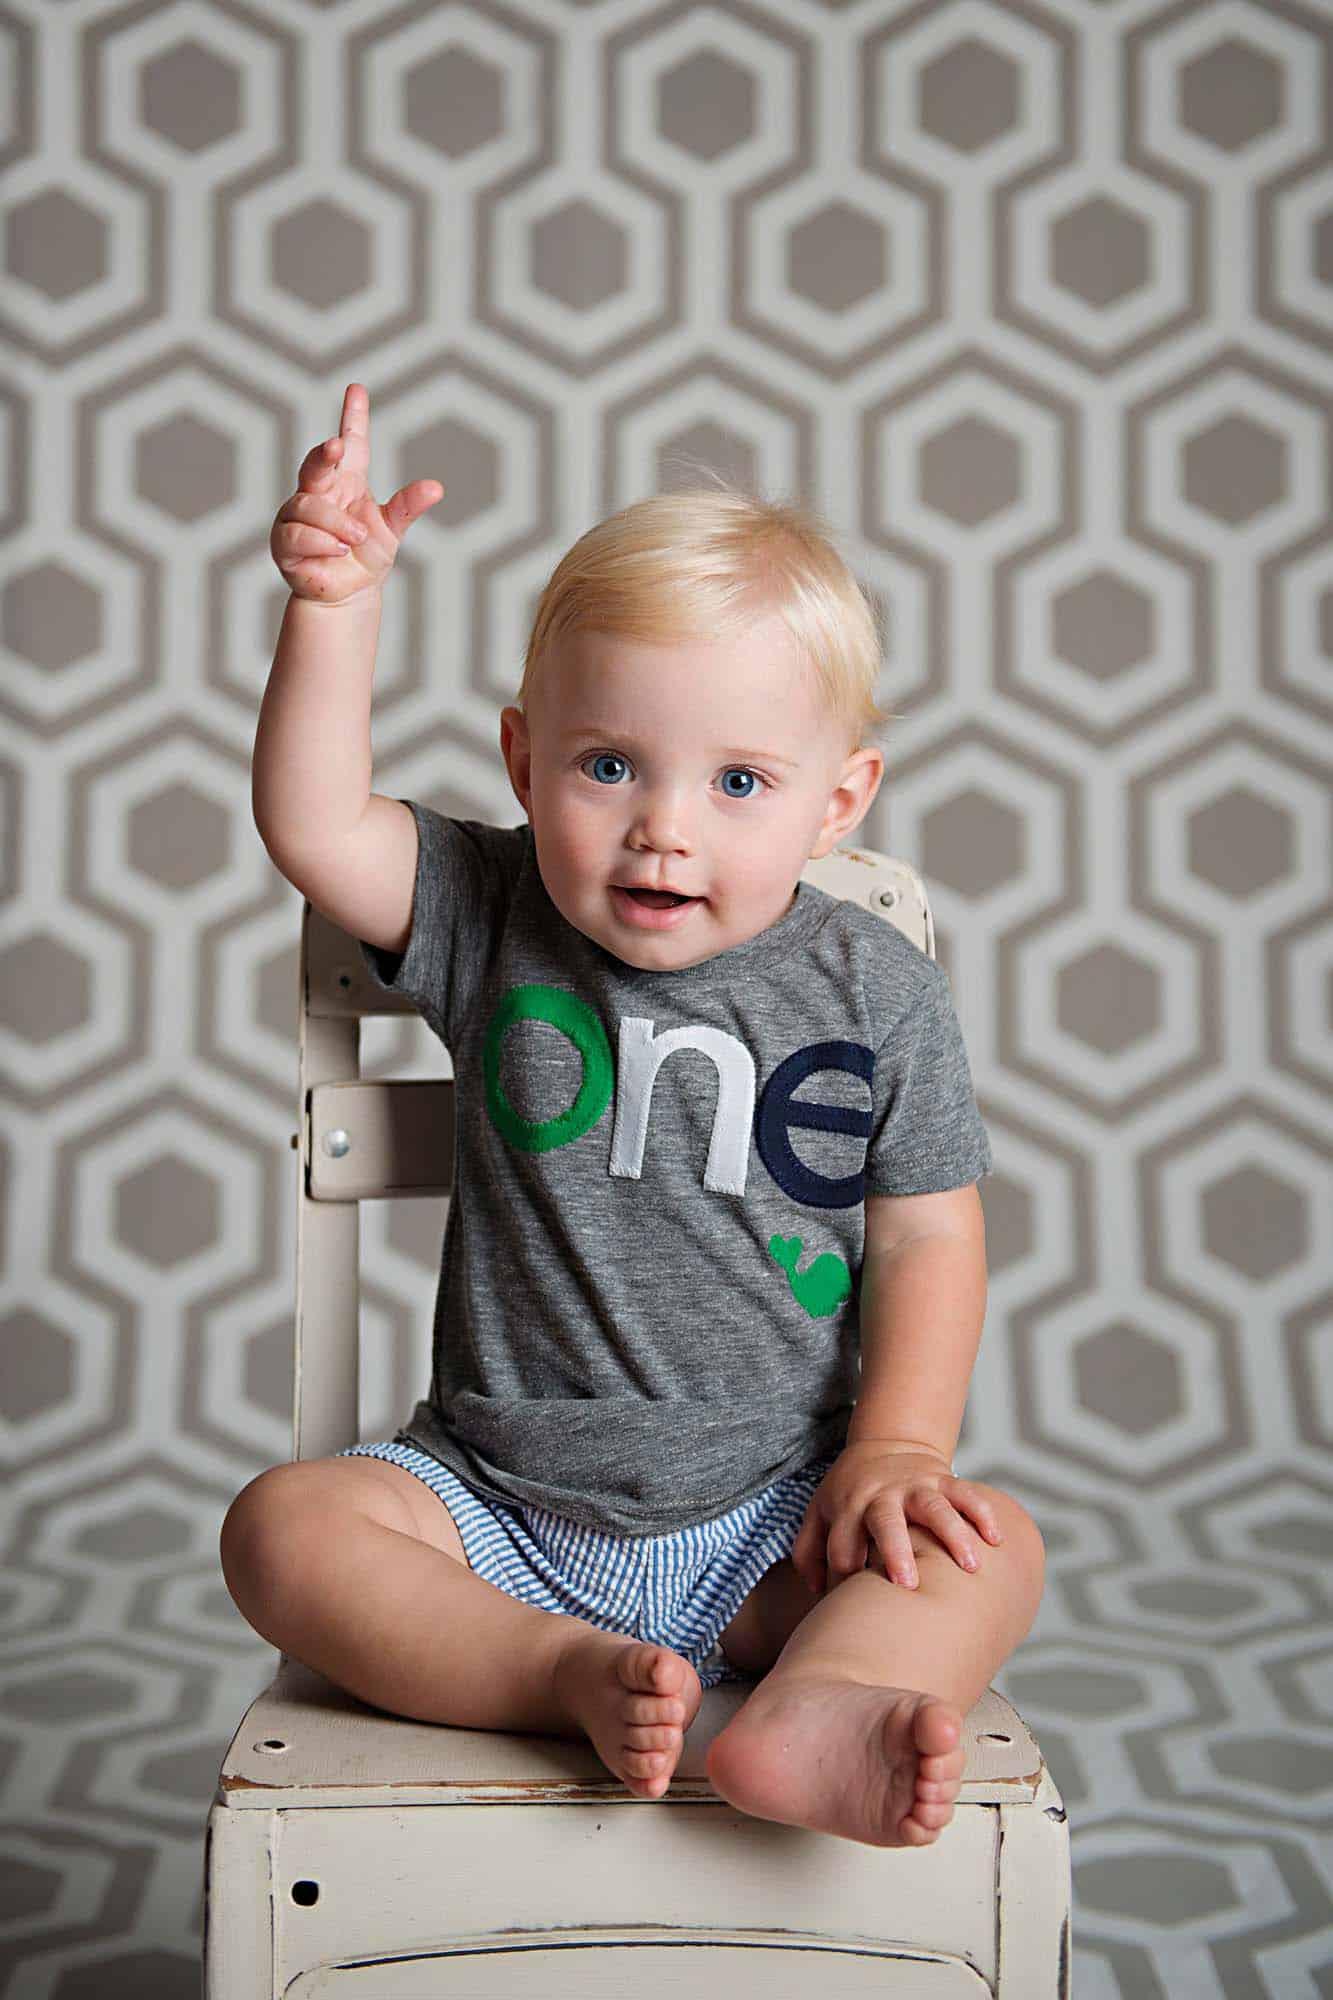 epagaFOTO kansas city documentary photography trending babys first year newborn photoshoot charlieone005